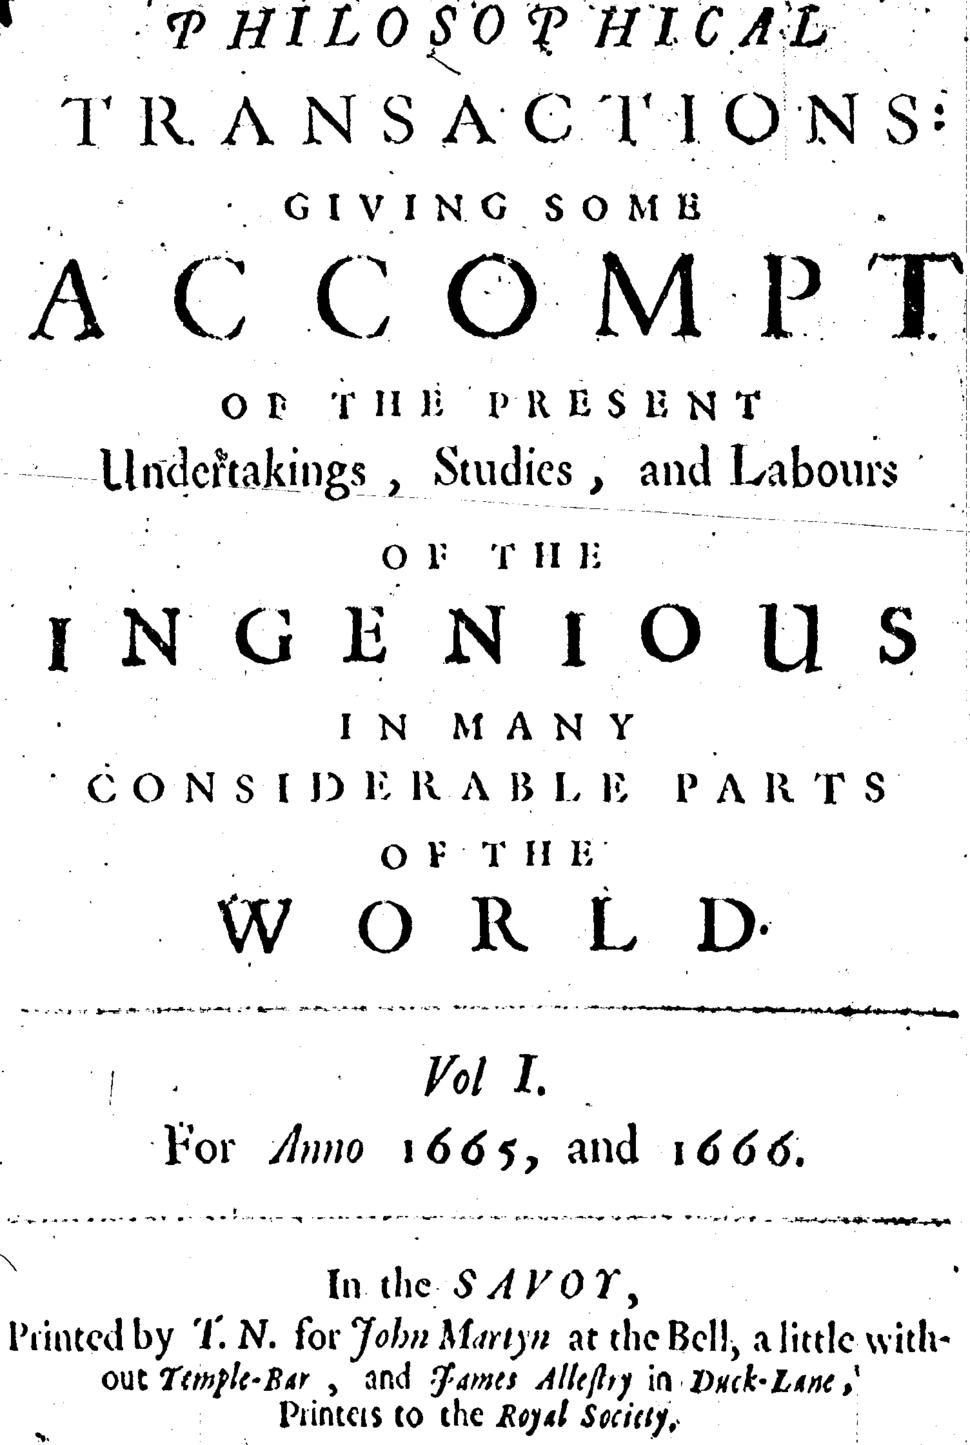 1665 phil trans vol i title